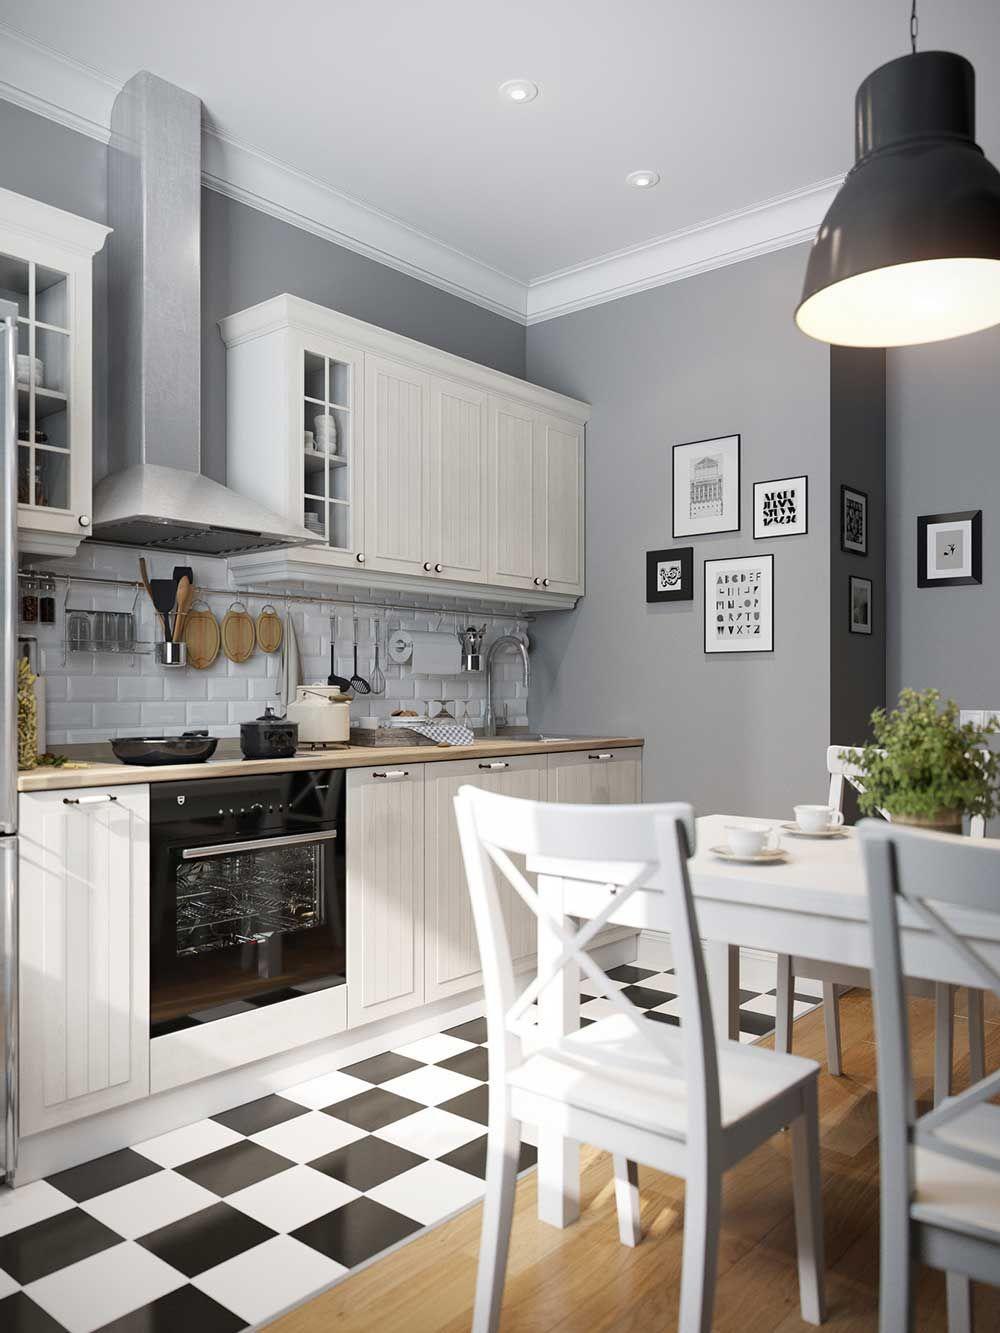 Дизайн кухни 9 кв.м фото современной угловой кухни 9 кв. м ...